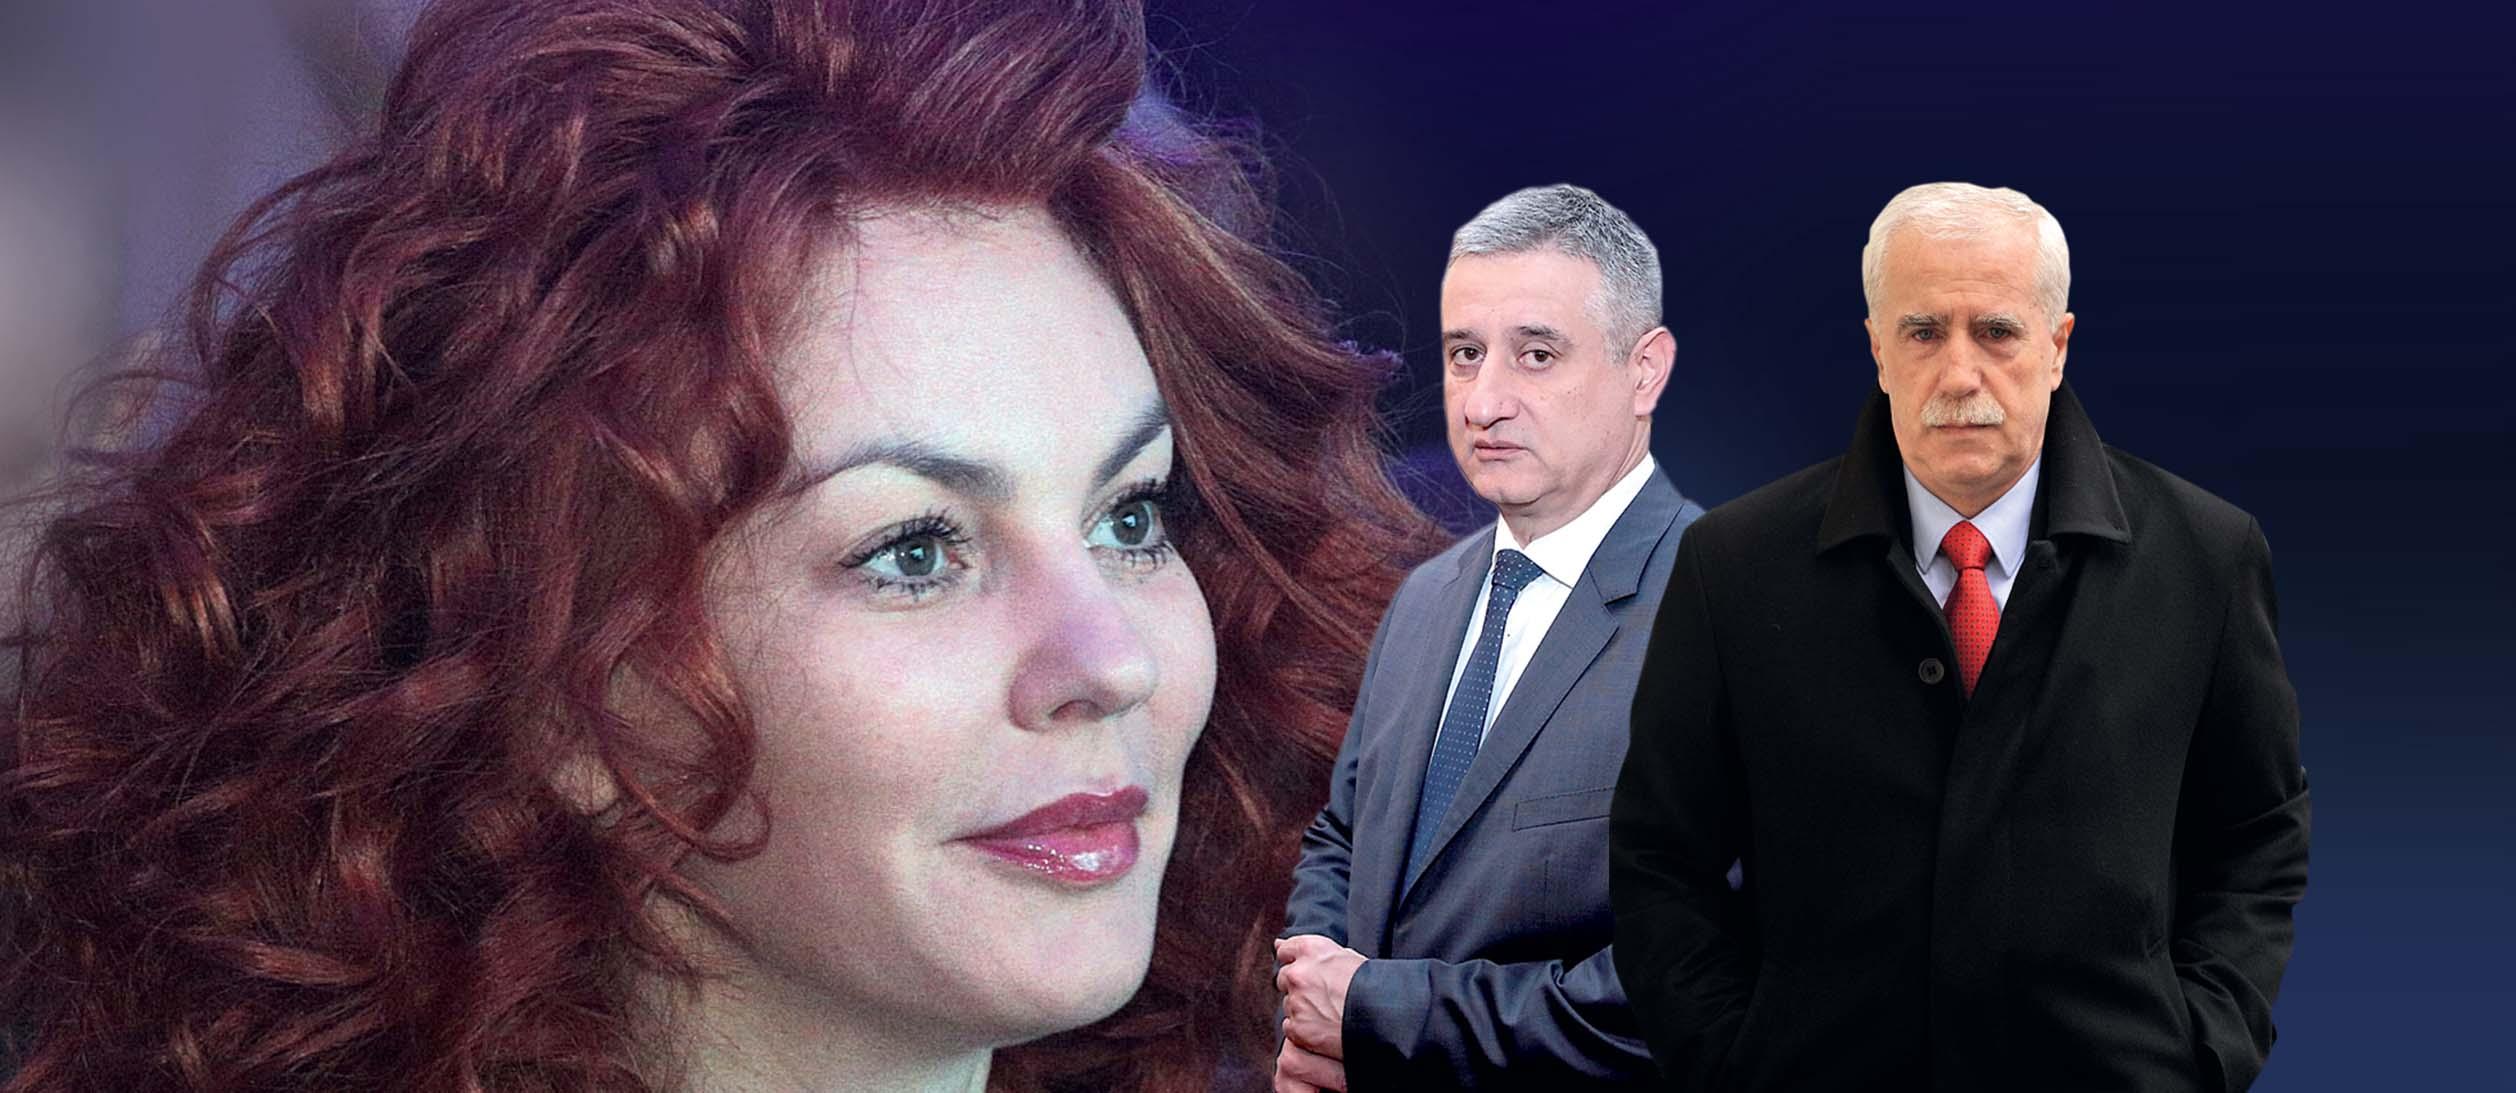 EKSKLUZIVNI DOKUMENTI Lobist Mola Ani Karamarko platio 60 tisuća eura